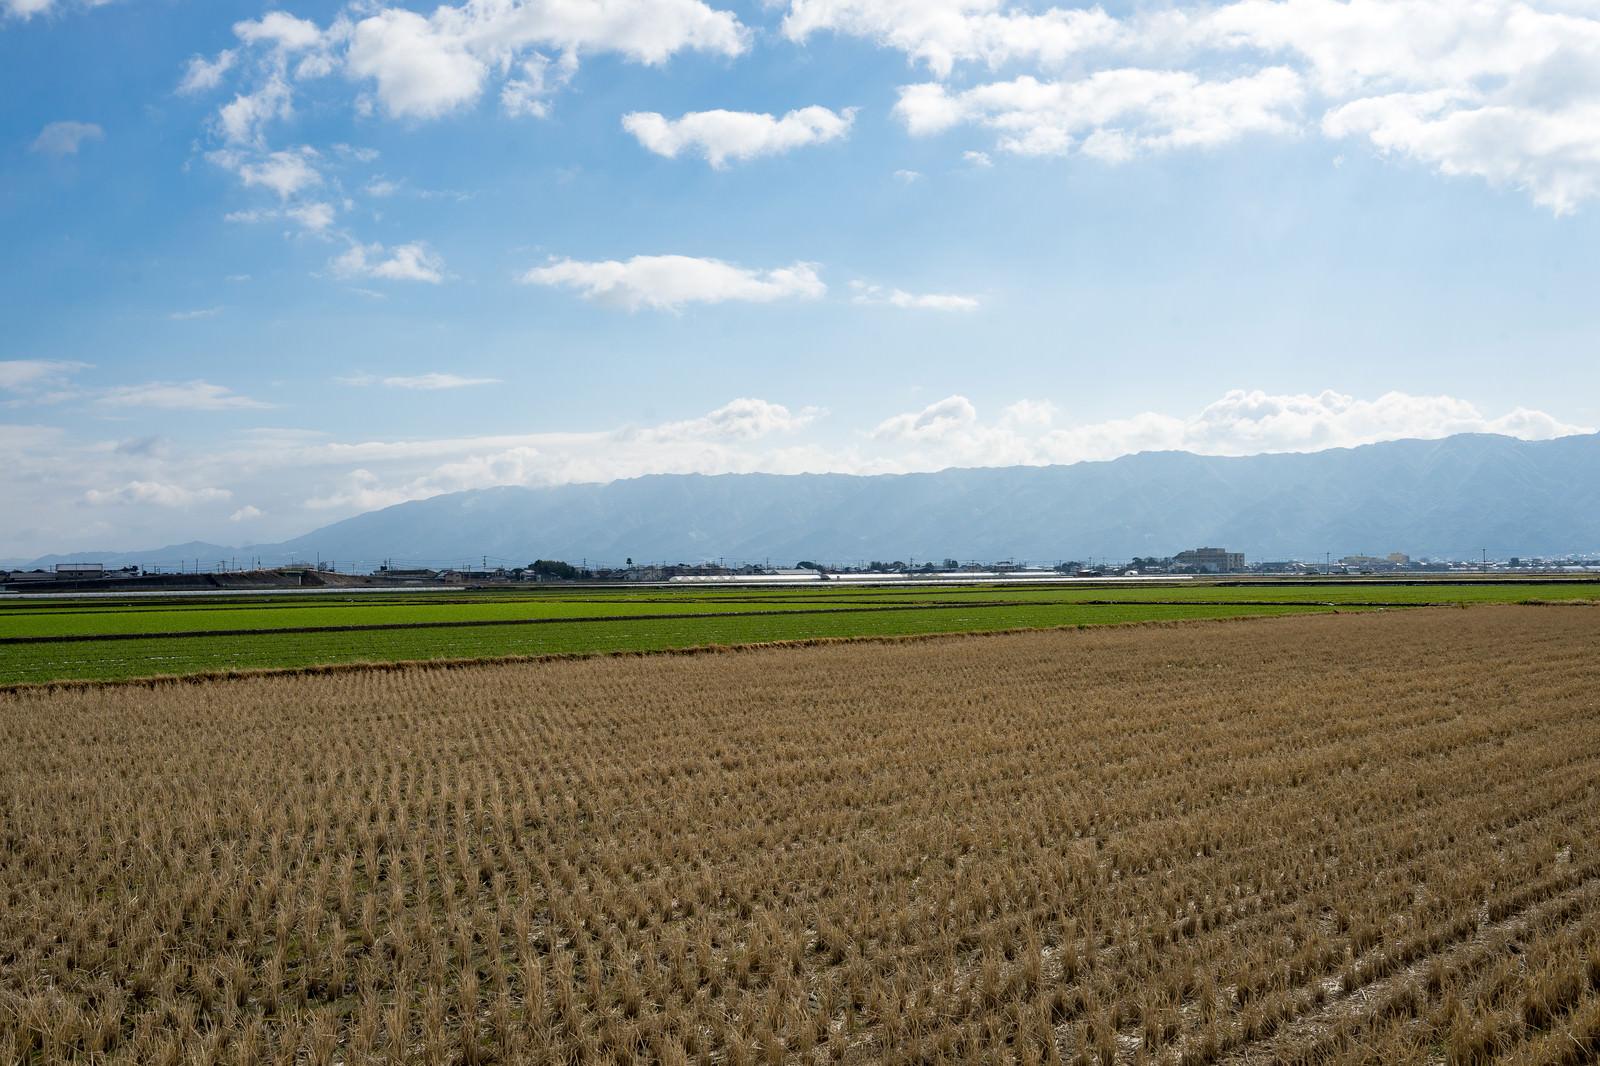 「刈終えた田んぼと大刀洗の平野」の写真